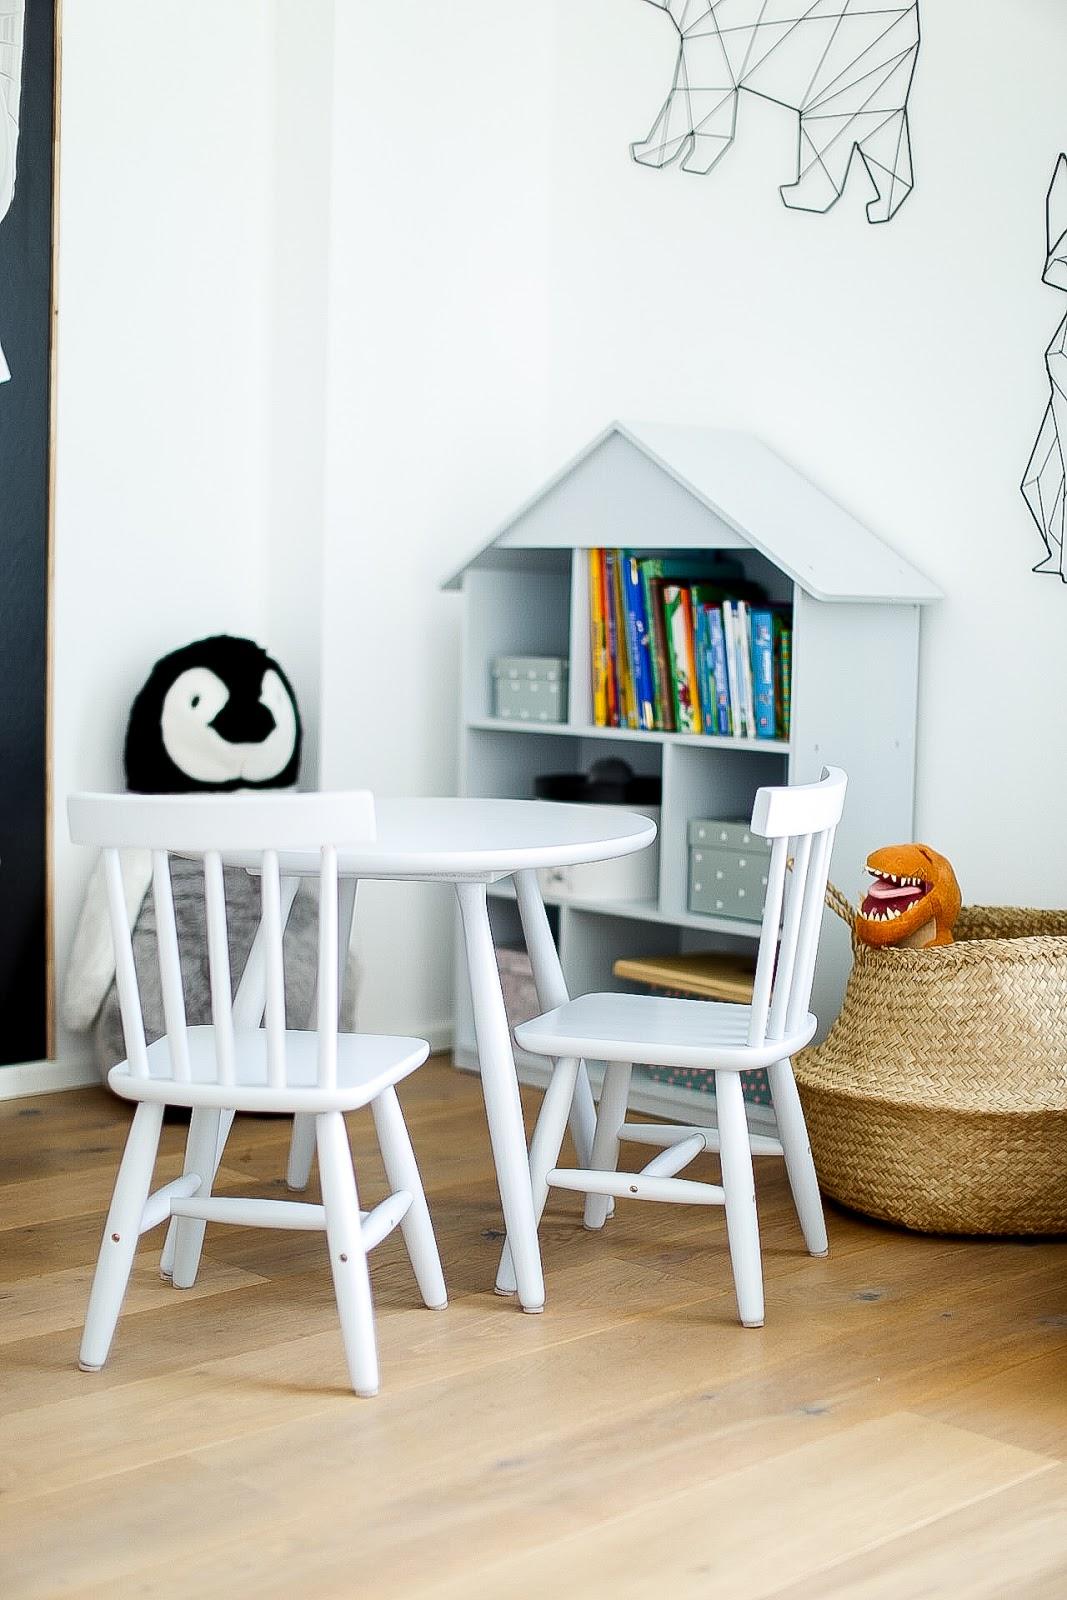 wei e wand nach streichen fleckig ostseesuche com. Black Bedroom Furniture Sets. Home Design Ideas